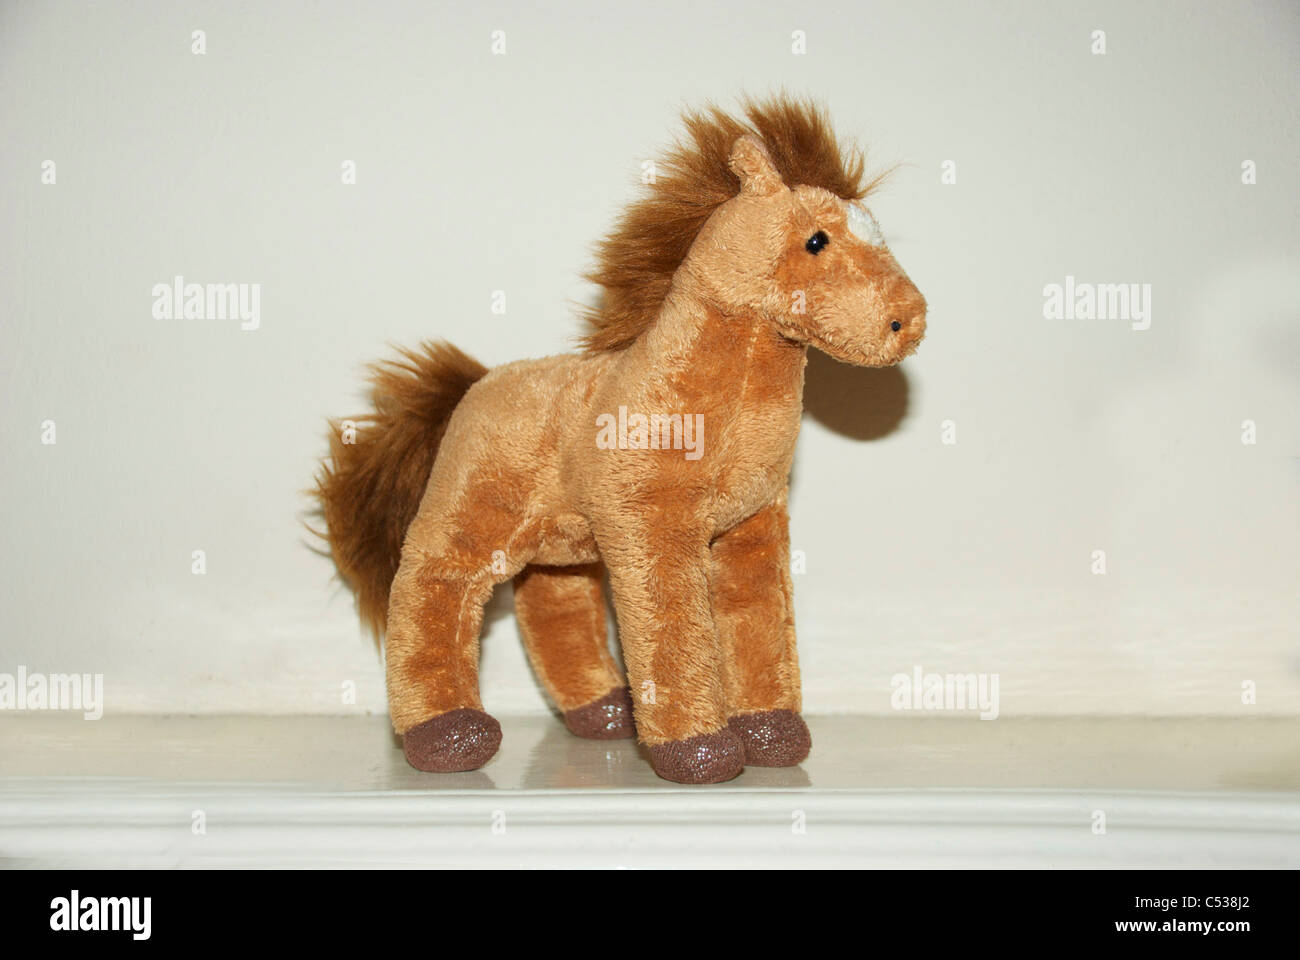 braune pferd spielzeug auf weißem hintergrund, braune pferd teddy